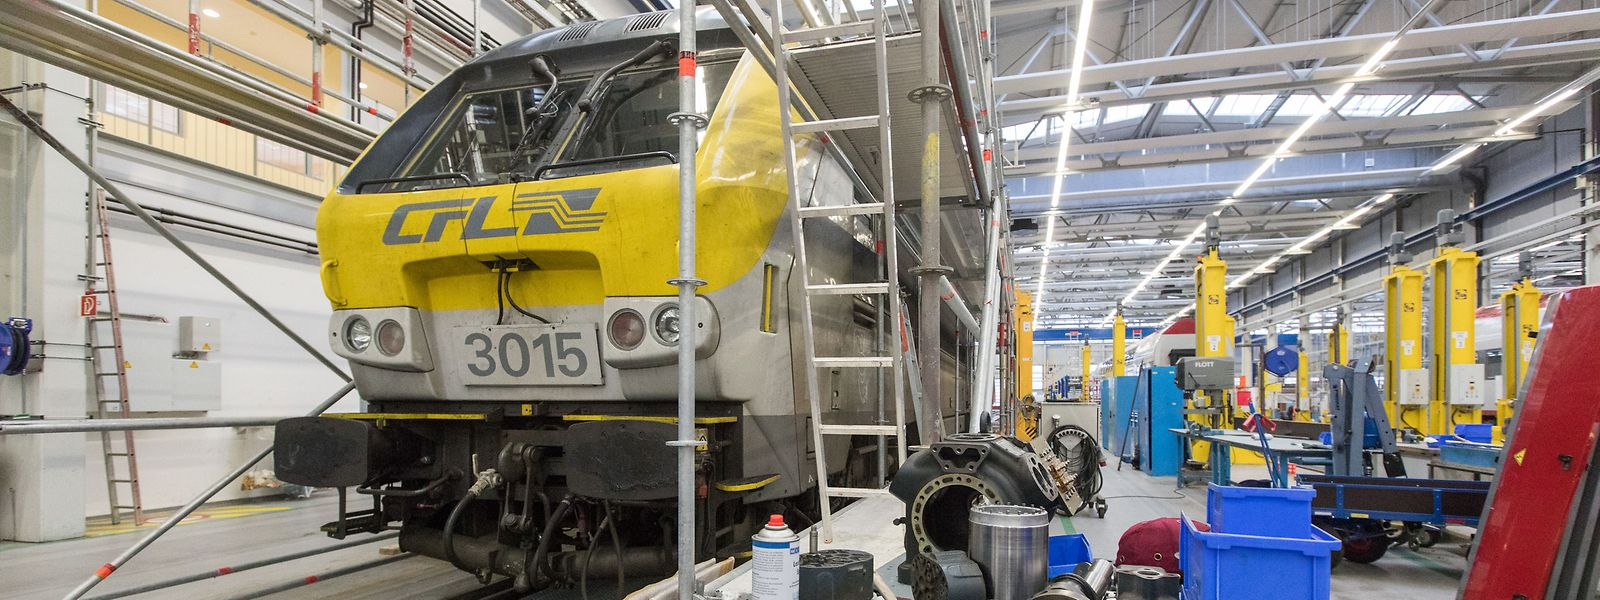 Cette année, les CFL disposeront d'un nouvel atelier de maintenance et réparation pour locomotives et wagons.